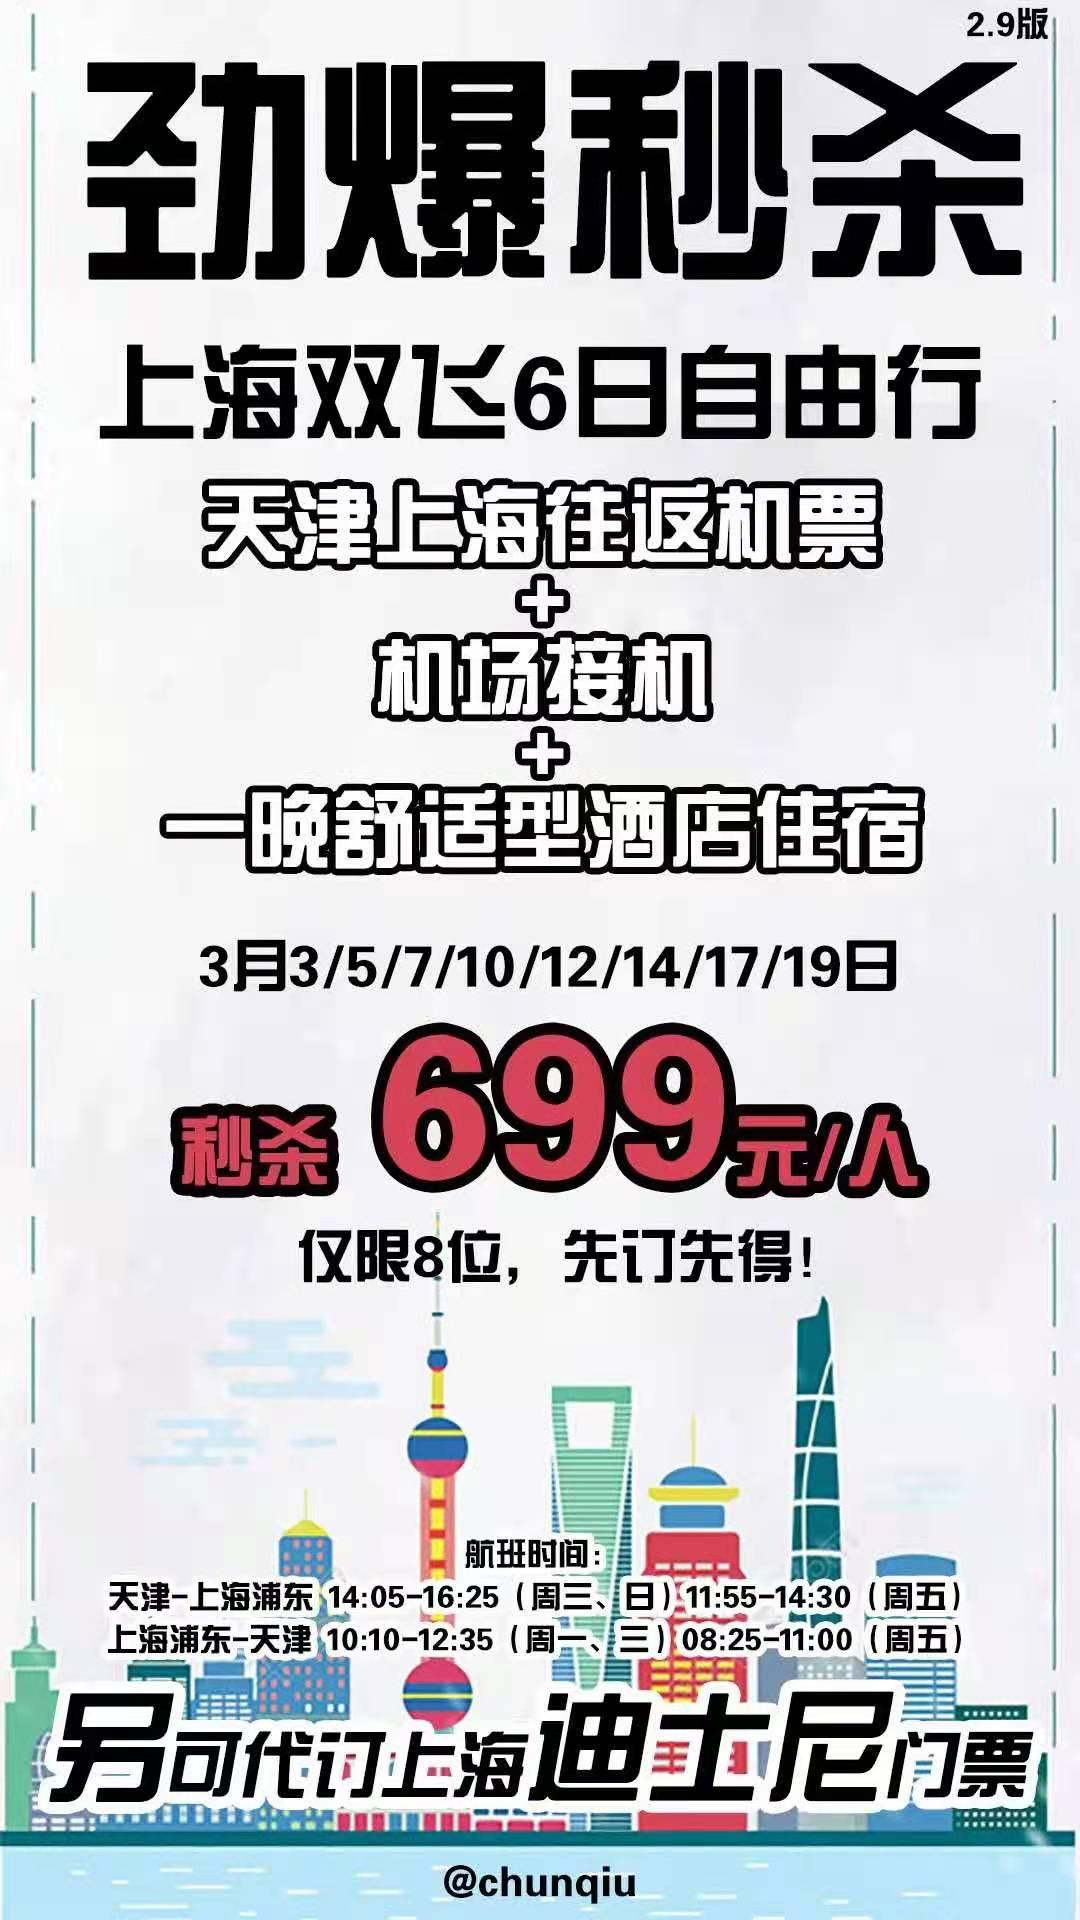 上海双飞自由行